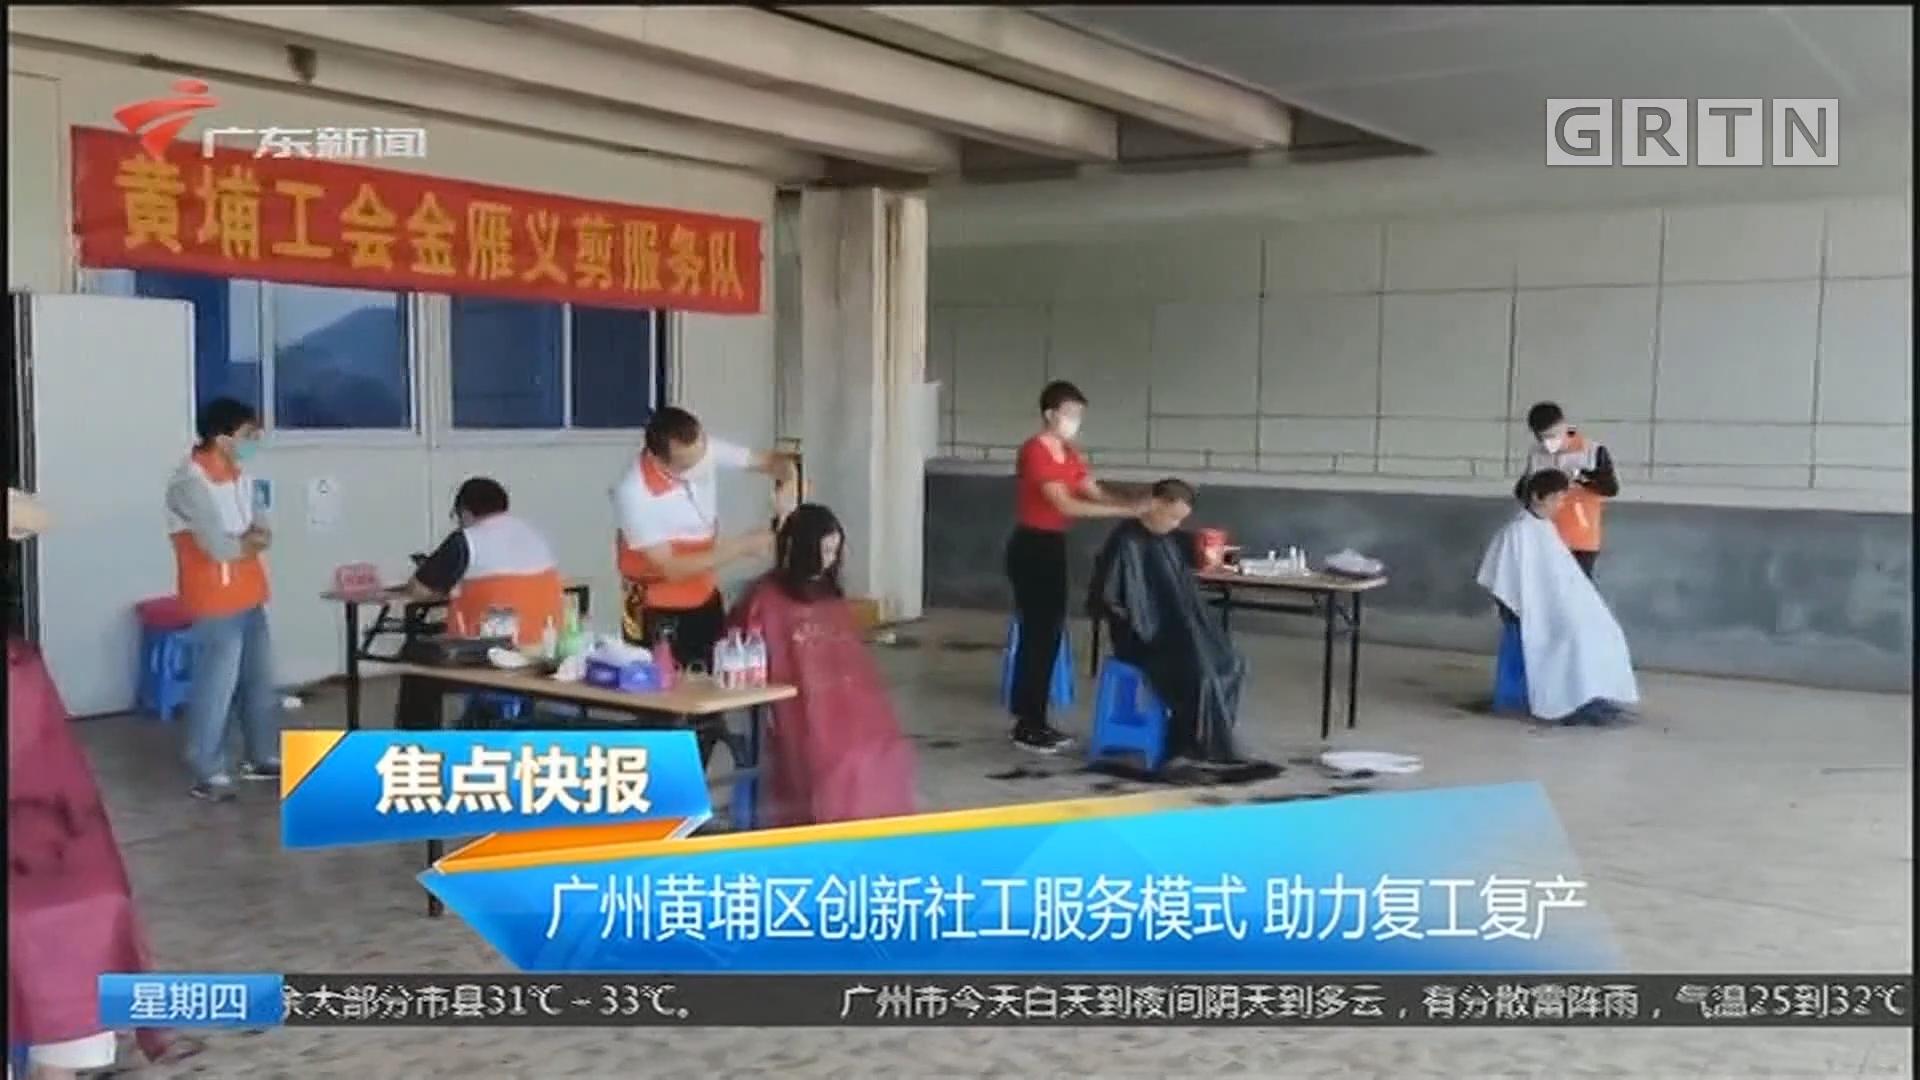 广州黄埔区创新社工服务模式 助力复工复产